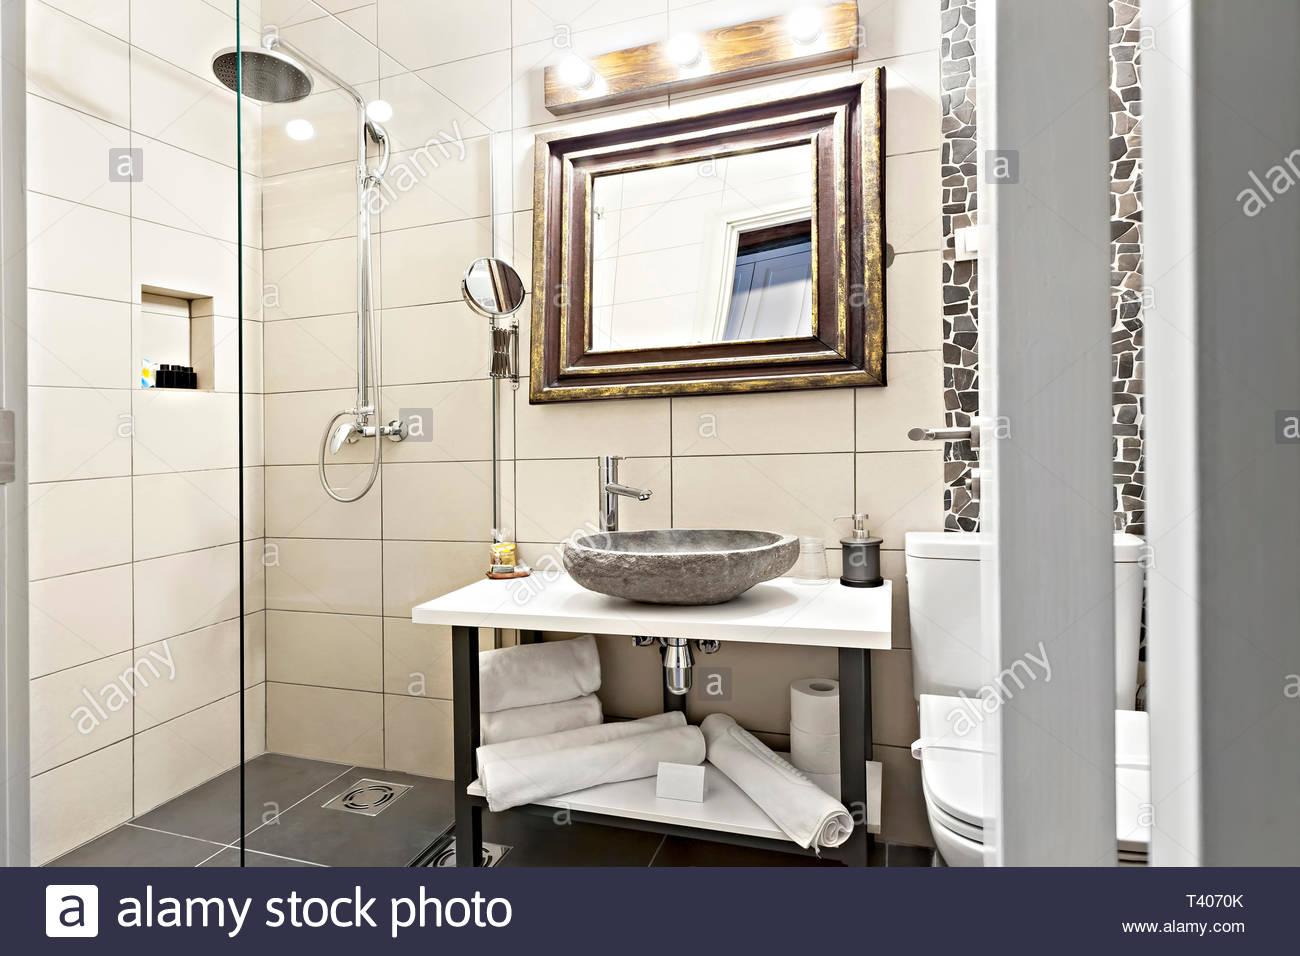 Full Size of Begehbare Dusche Fliesen Modernes Interieur Badezimmer Mit Waschbecken Und Spiegel Bluetooth Lautsprecher Grohe Thermostat Holzfliesen Bad Für Küche Dusche Begehbare Dusche Fliesen